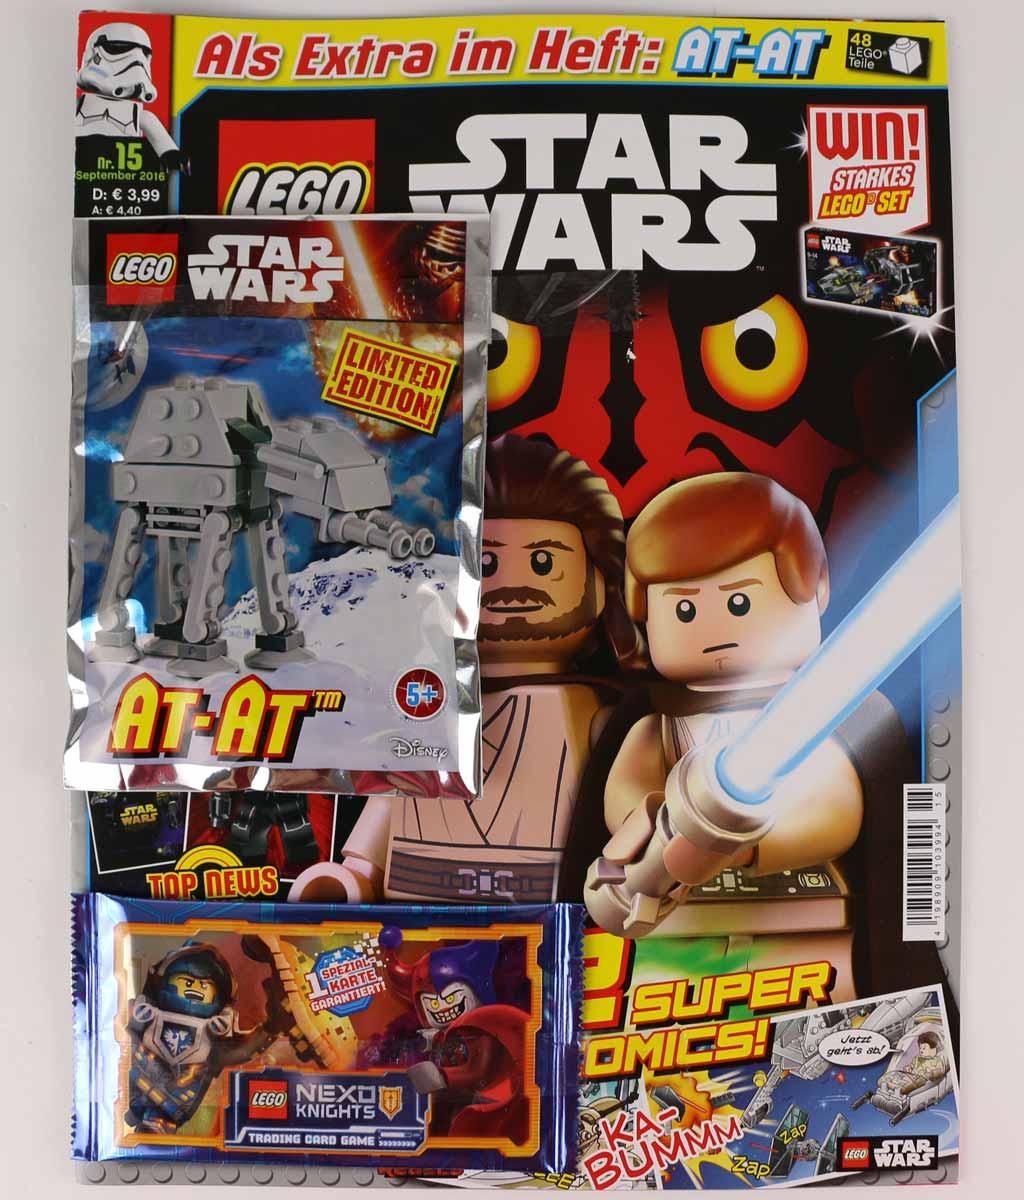 lego star wars magazin mit at at ausgabe 15 im review zusammengebaut. Black Bedroom Furniture Sets. Home Design Ideas